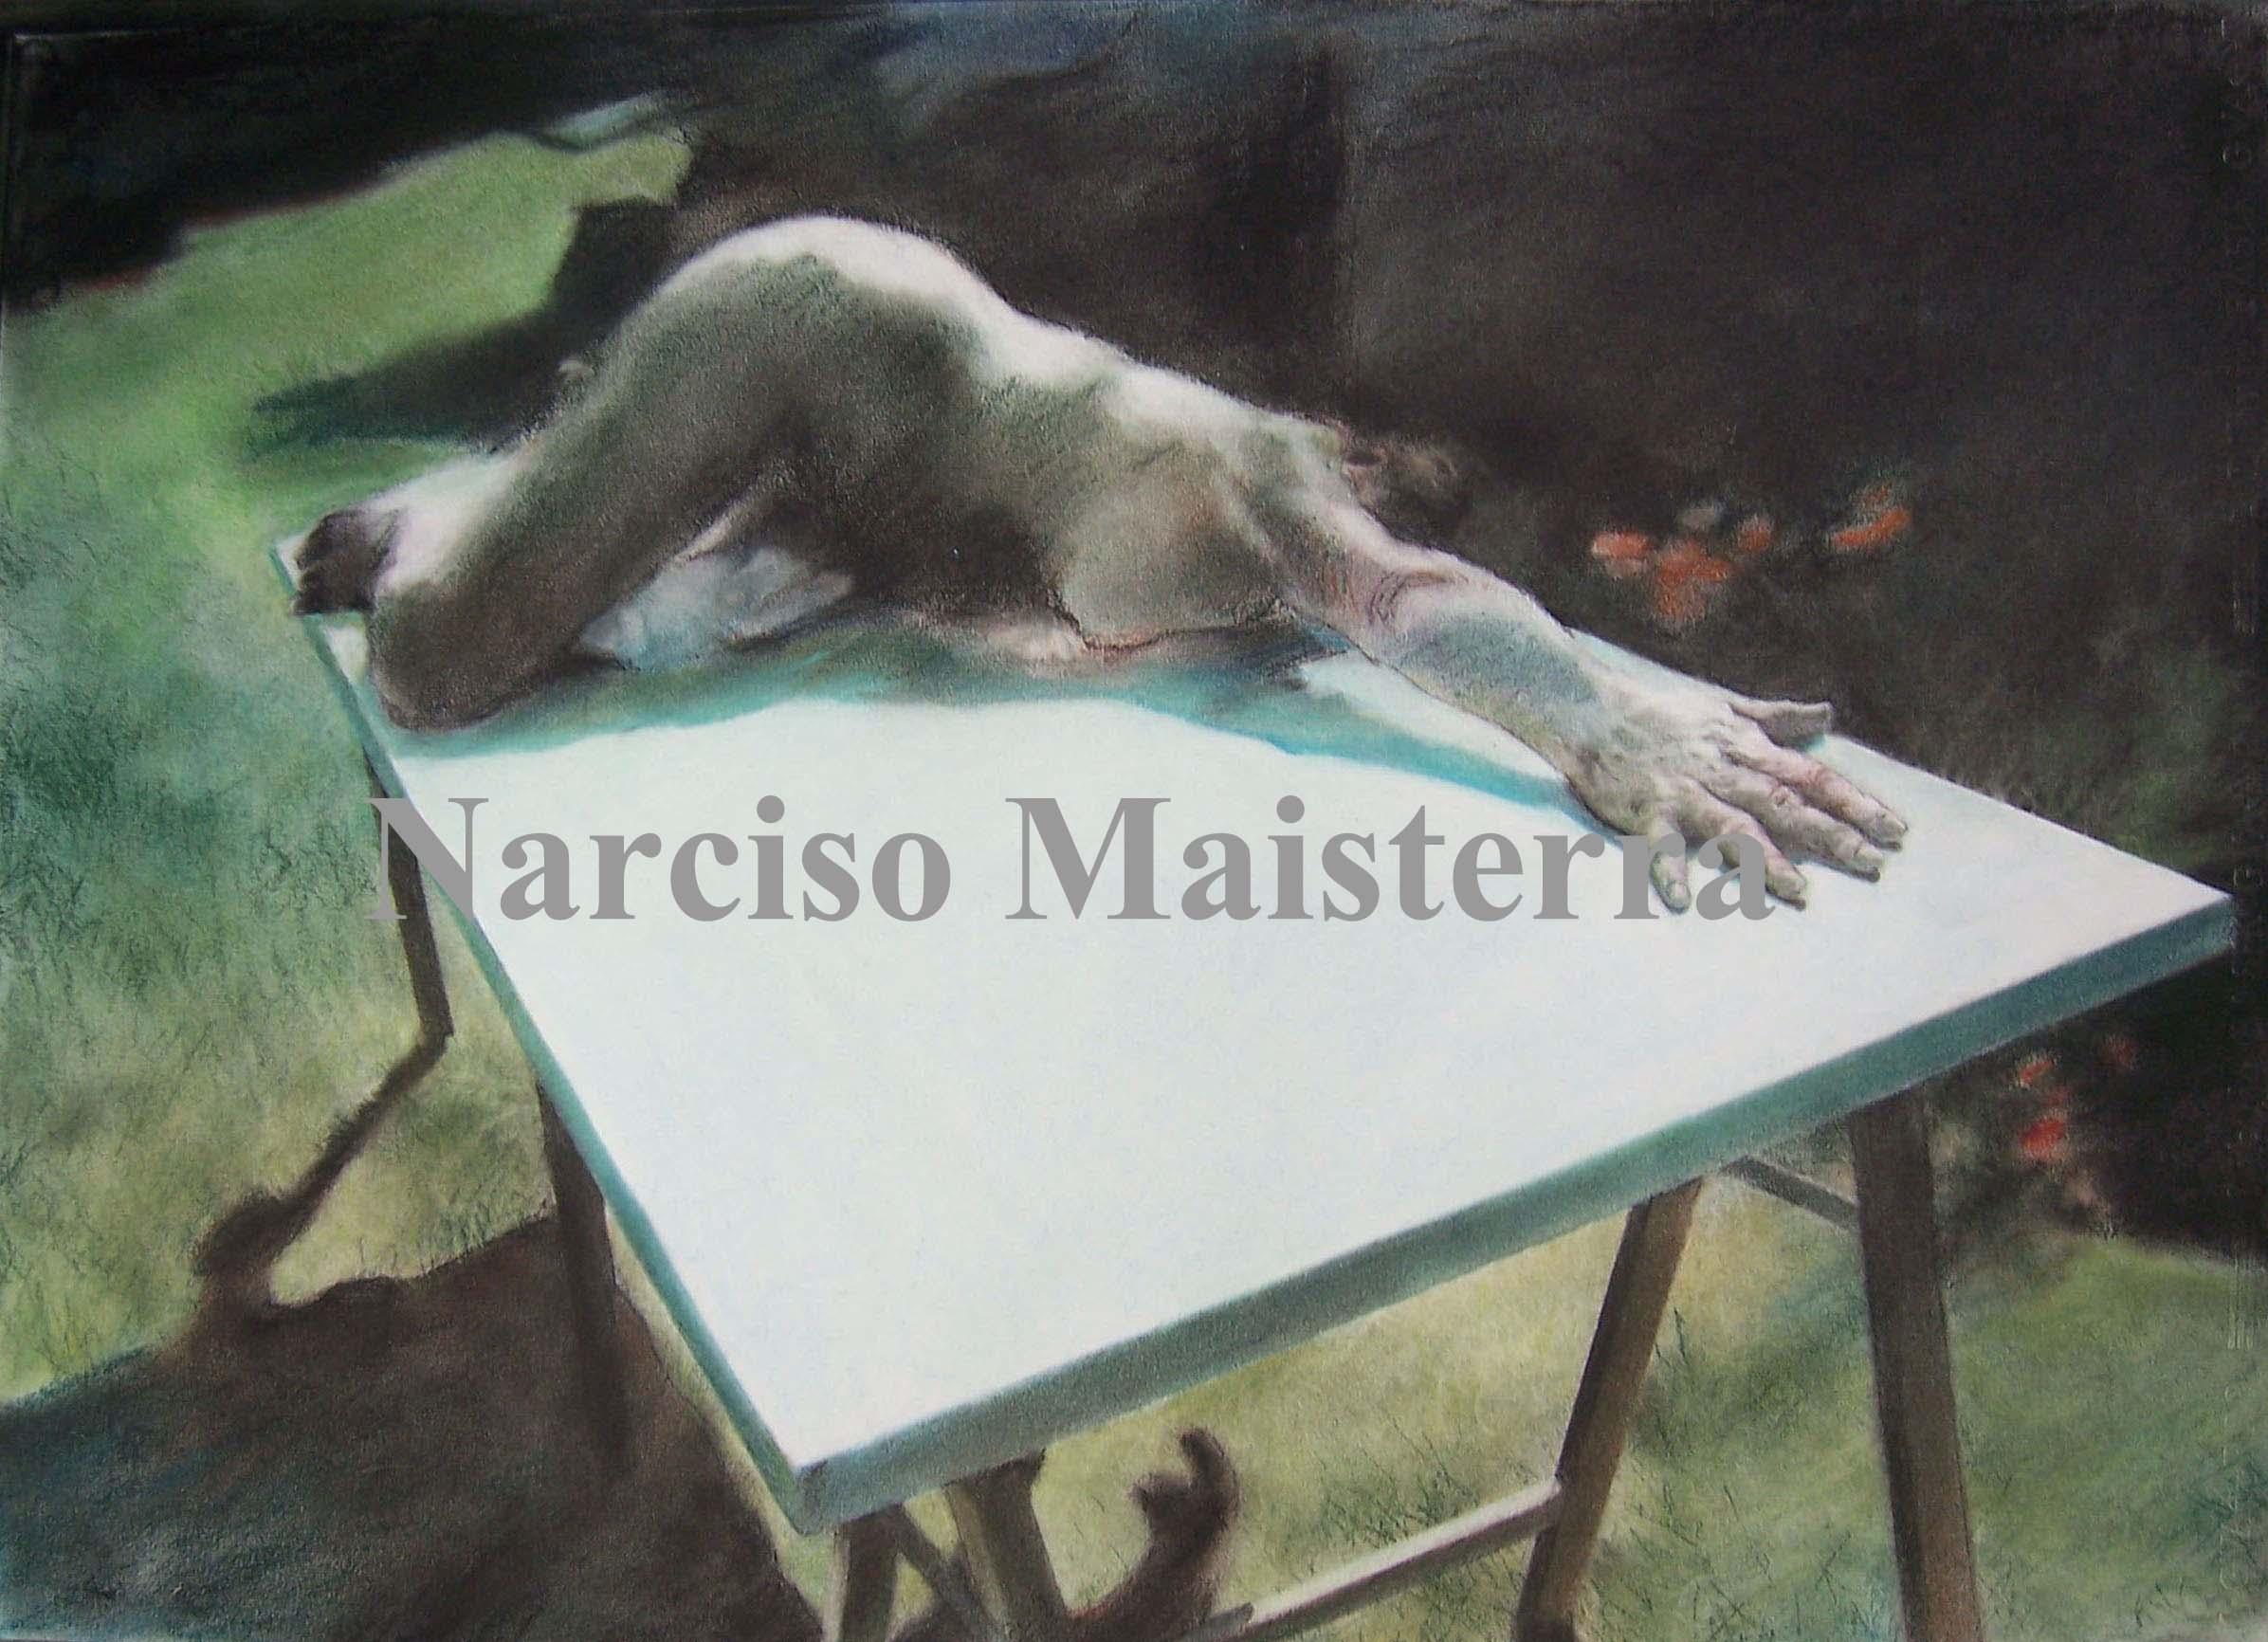 Narciso Maisterra, expone su Obra Pictórica, en la Galería Hillyert Art Space en Washington DC, USA.